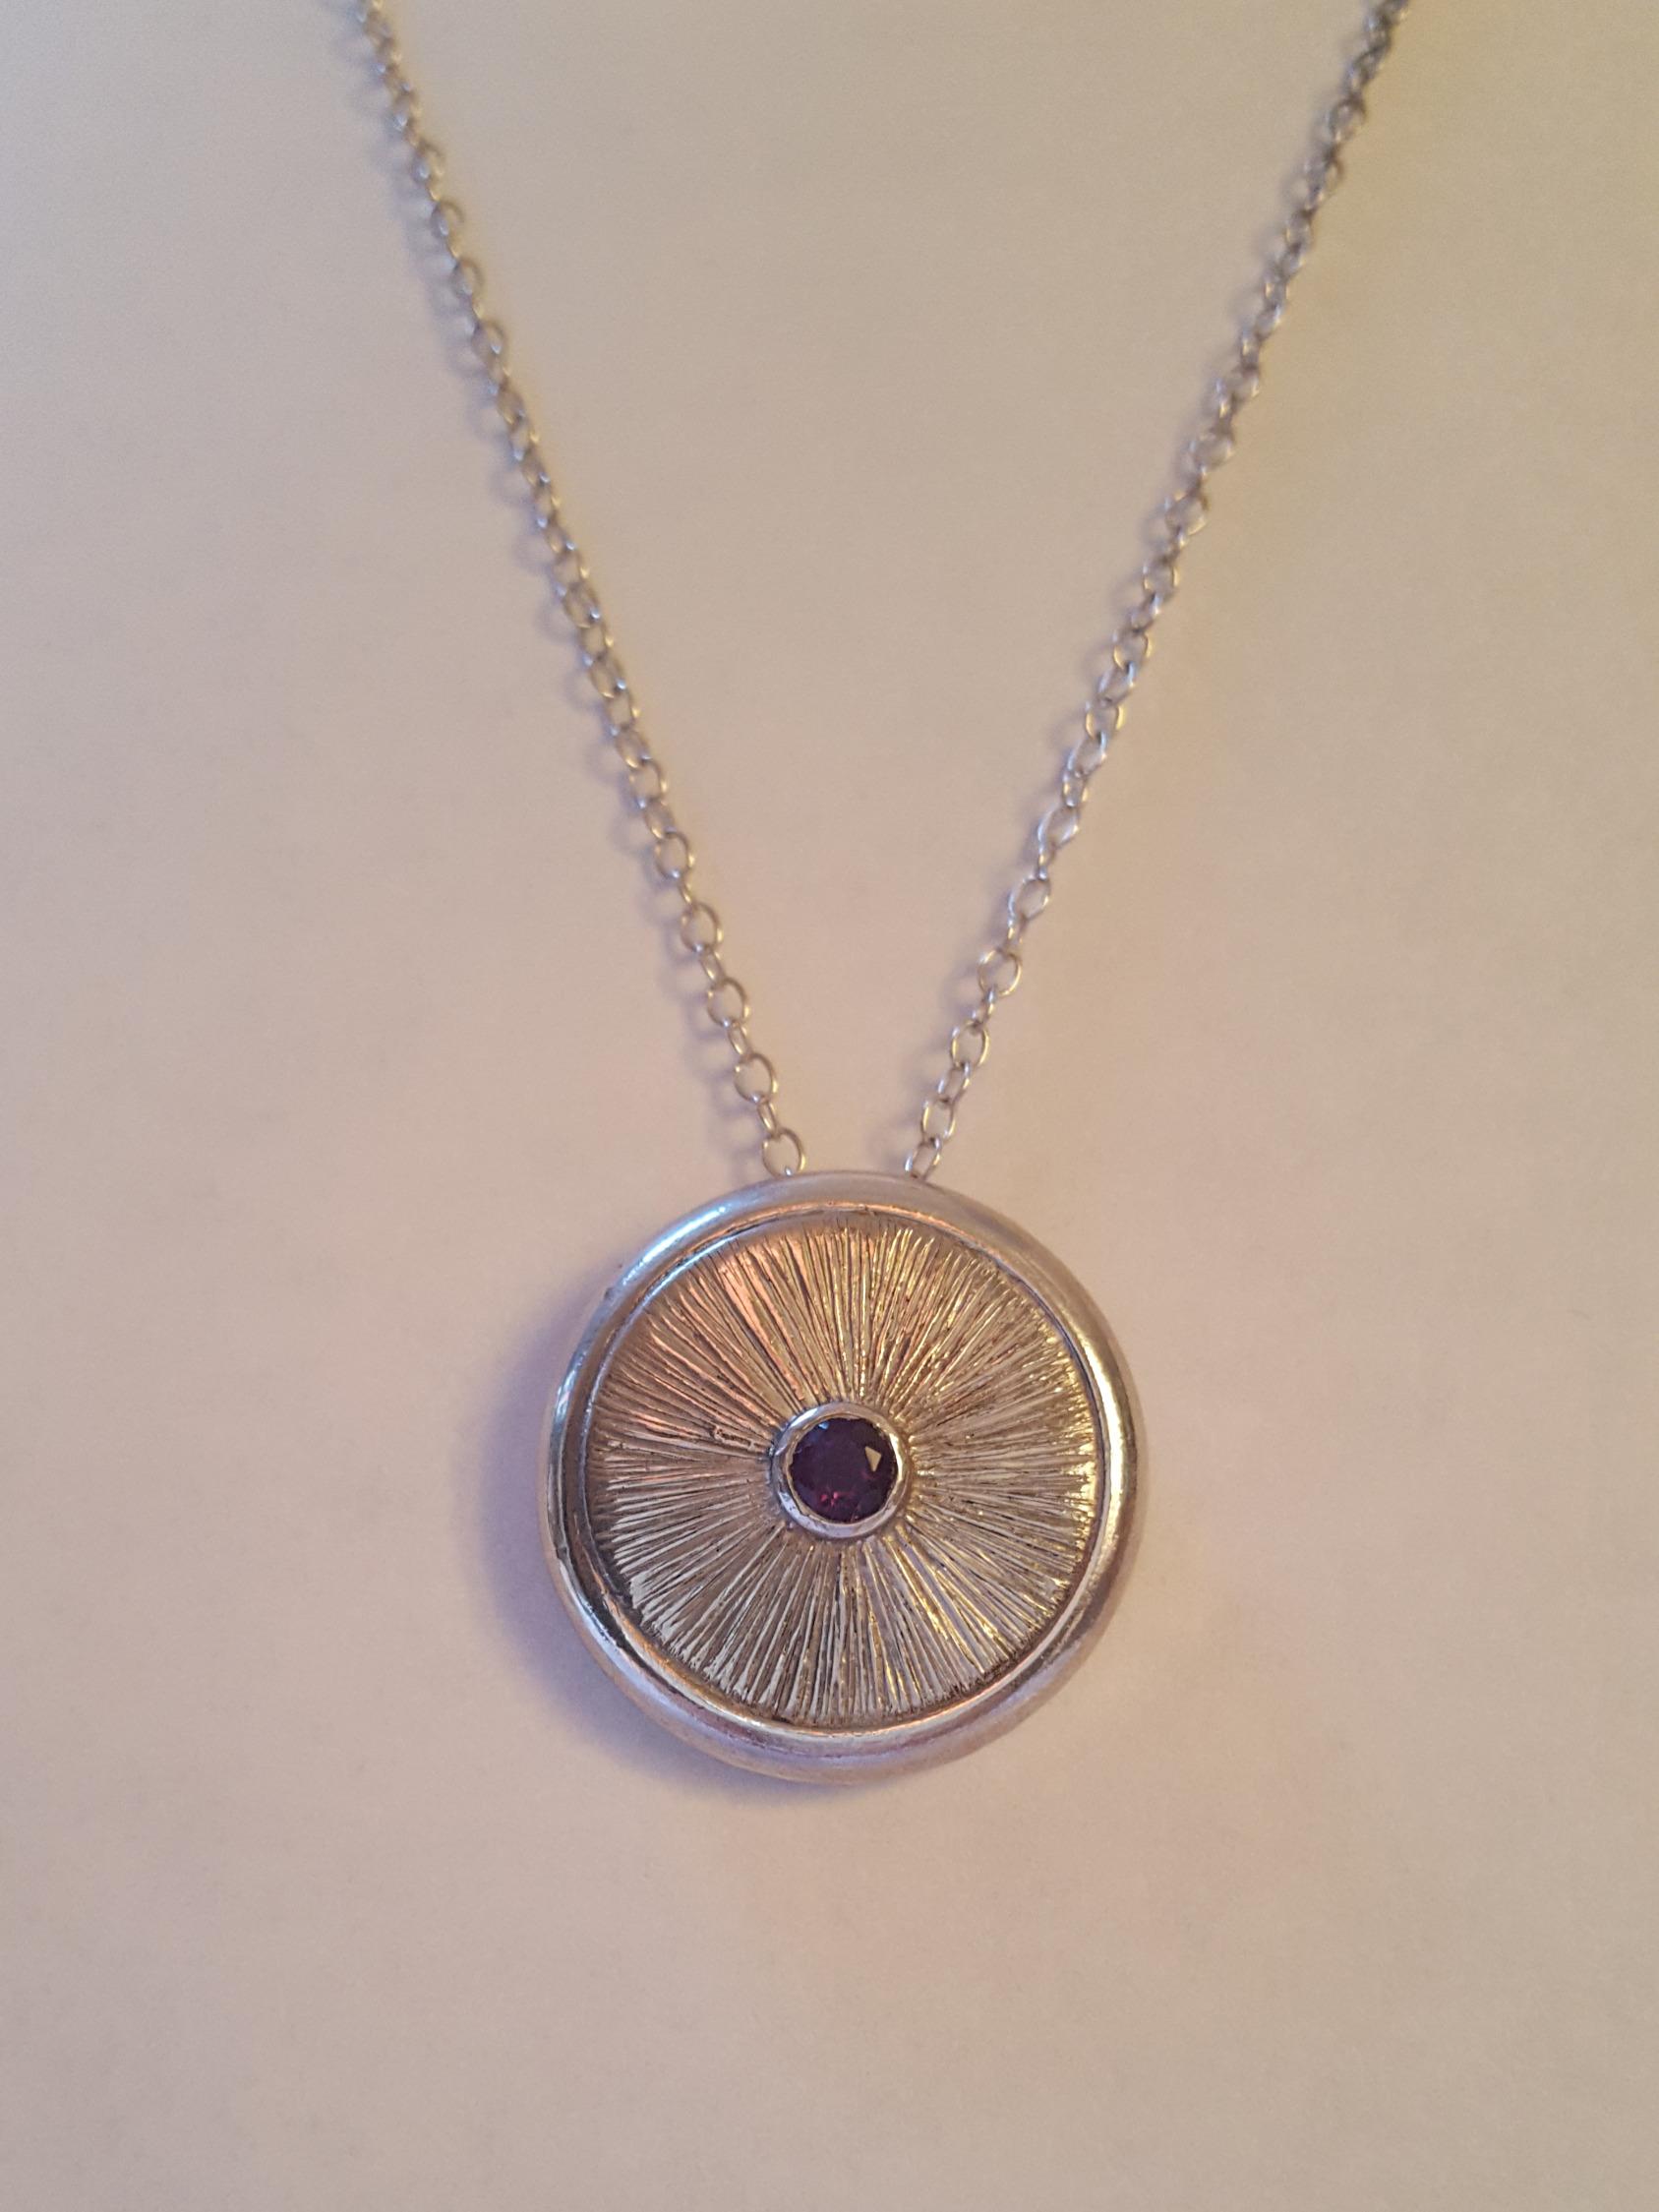 Engraved amethyst pendant